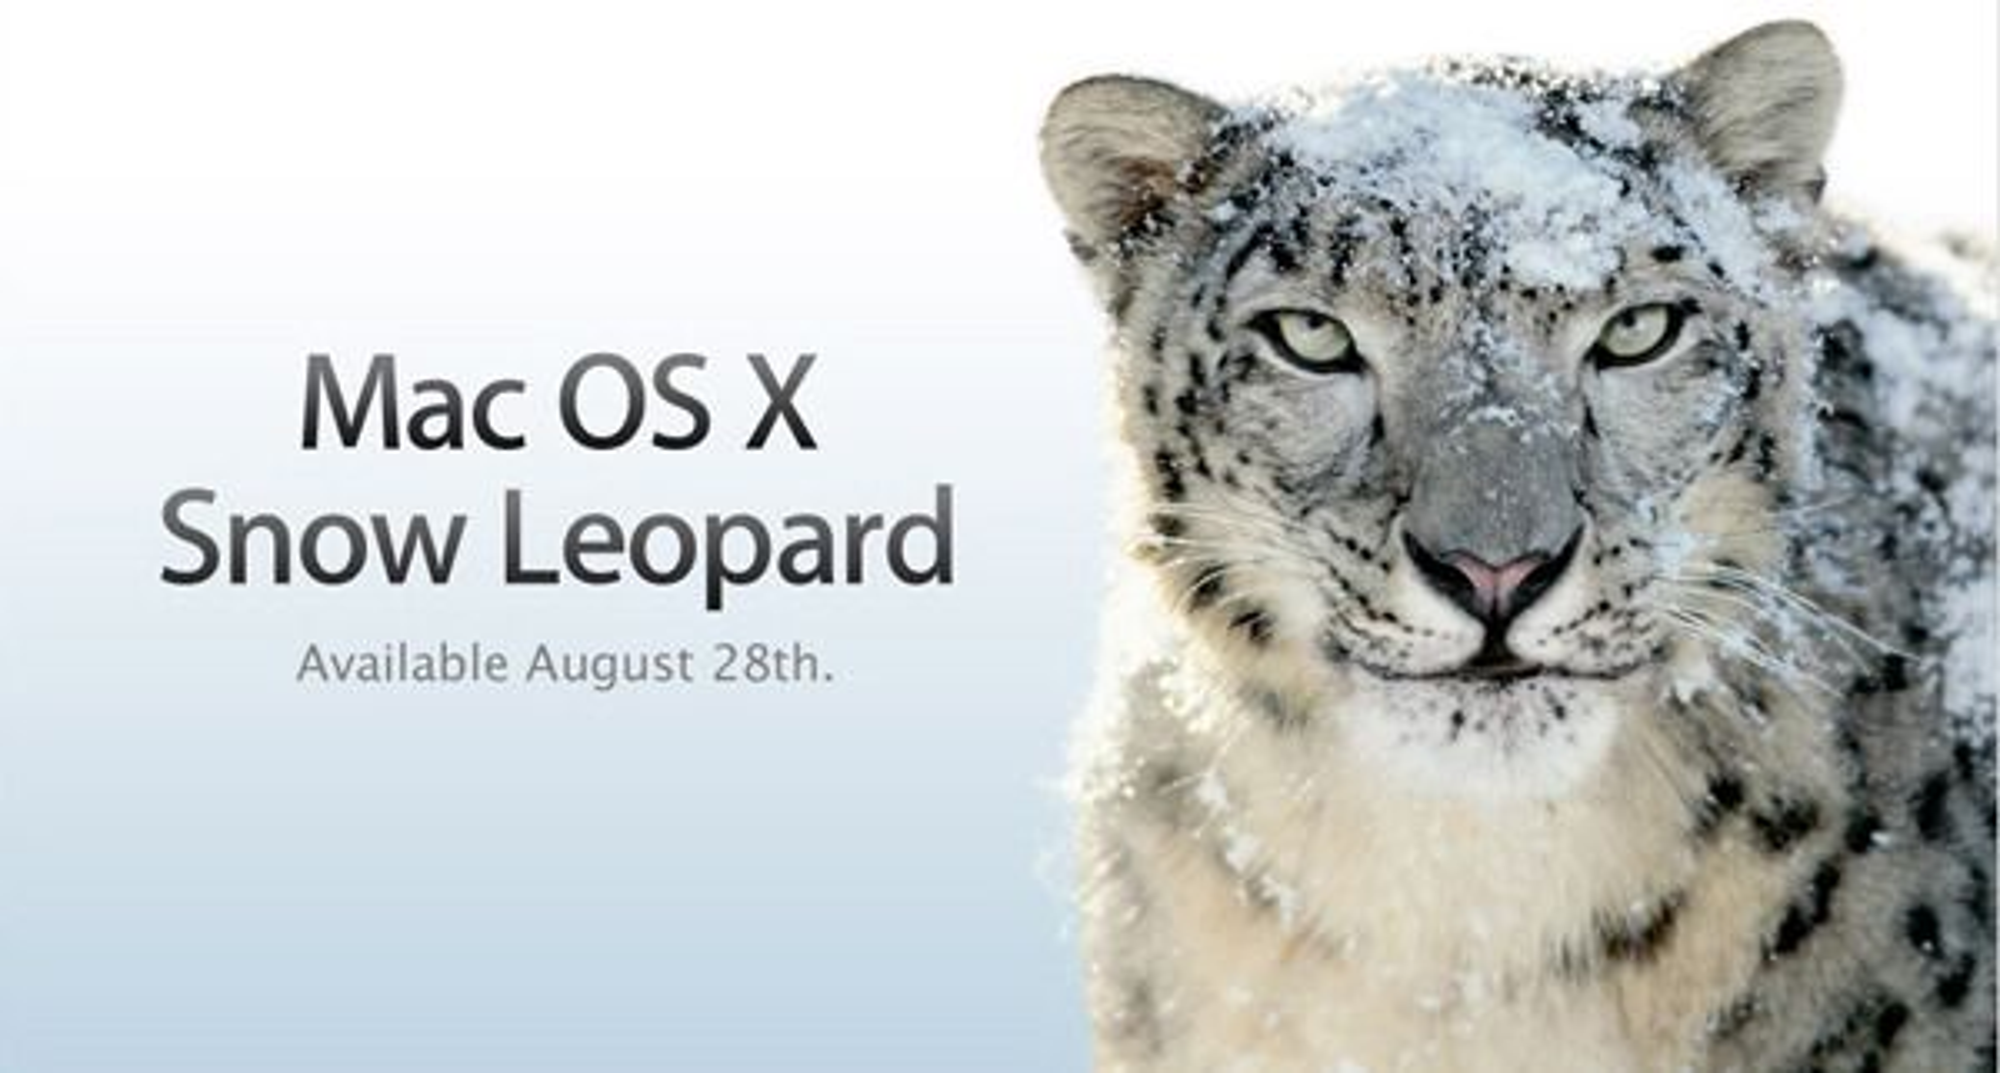 Den nye versjone.n av OS X, Snow Leopard, blir tilgjengelig kommende fredag